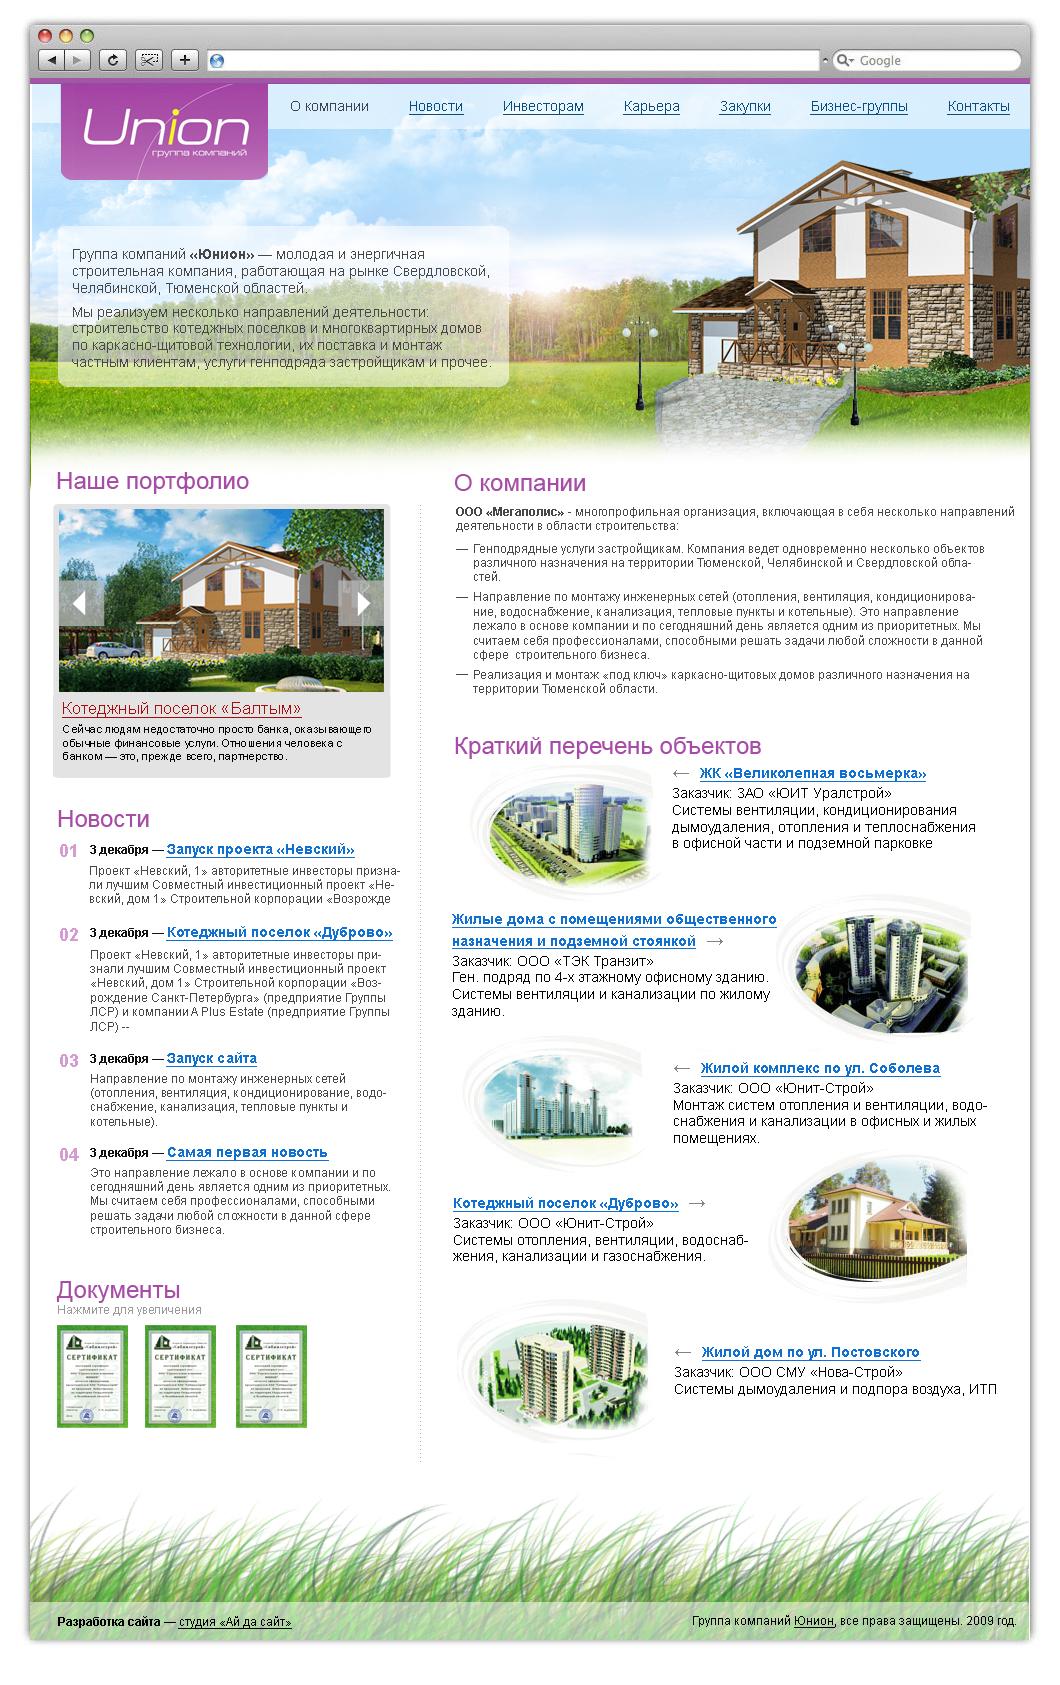 Юнион - малоэтажное строительство